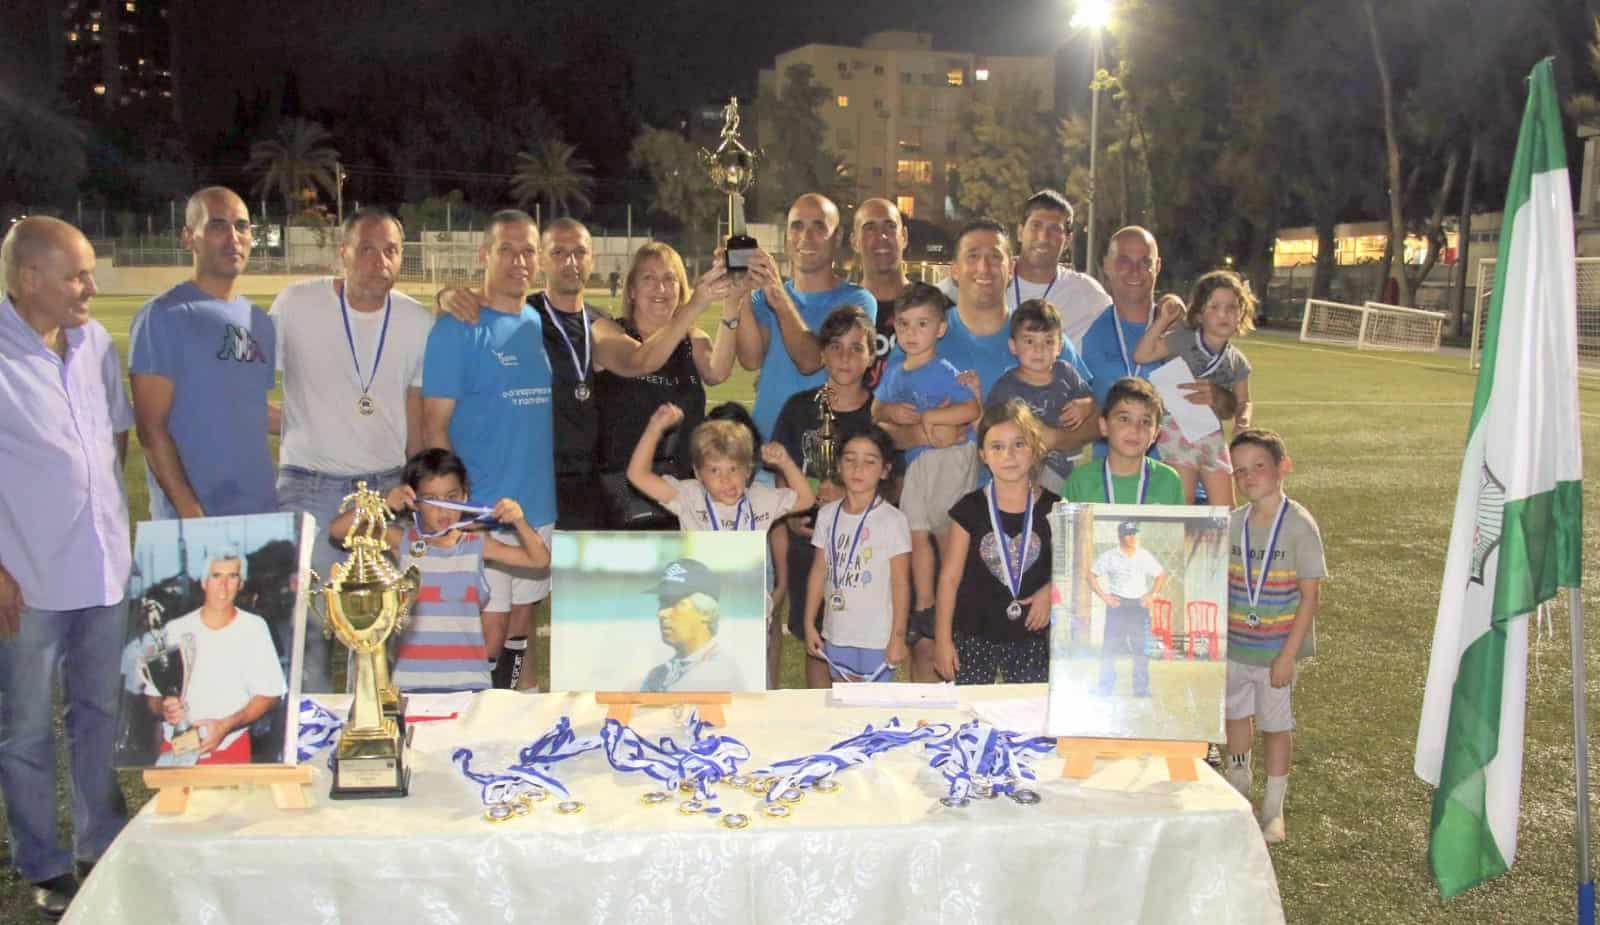 גם הוותיקים נהנים מטעם הניצחון, צילום: העמותה לקידום הספורט